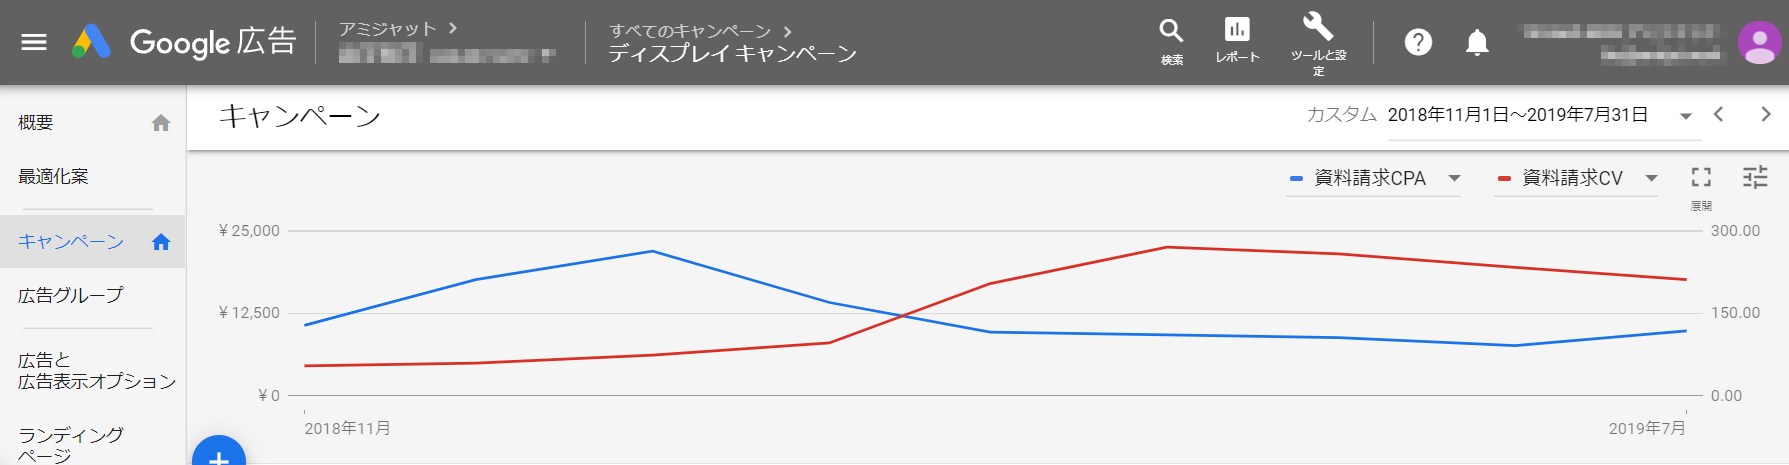 GDNの改善グラフ